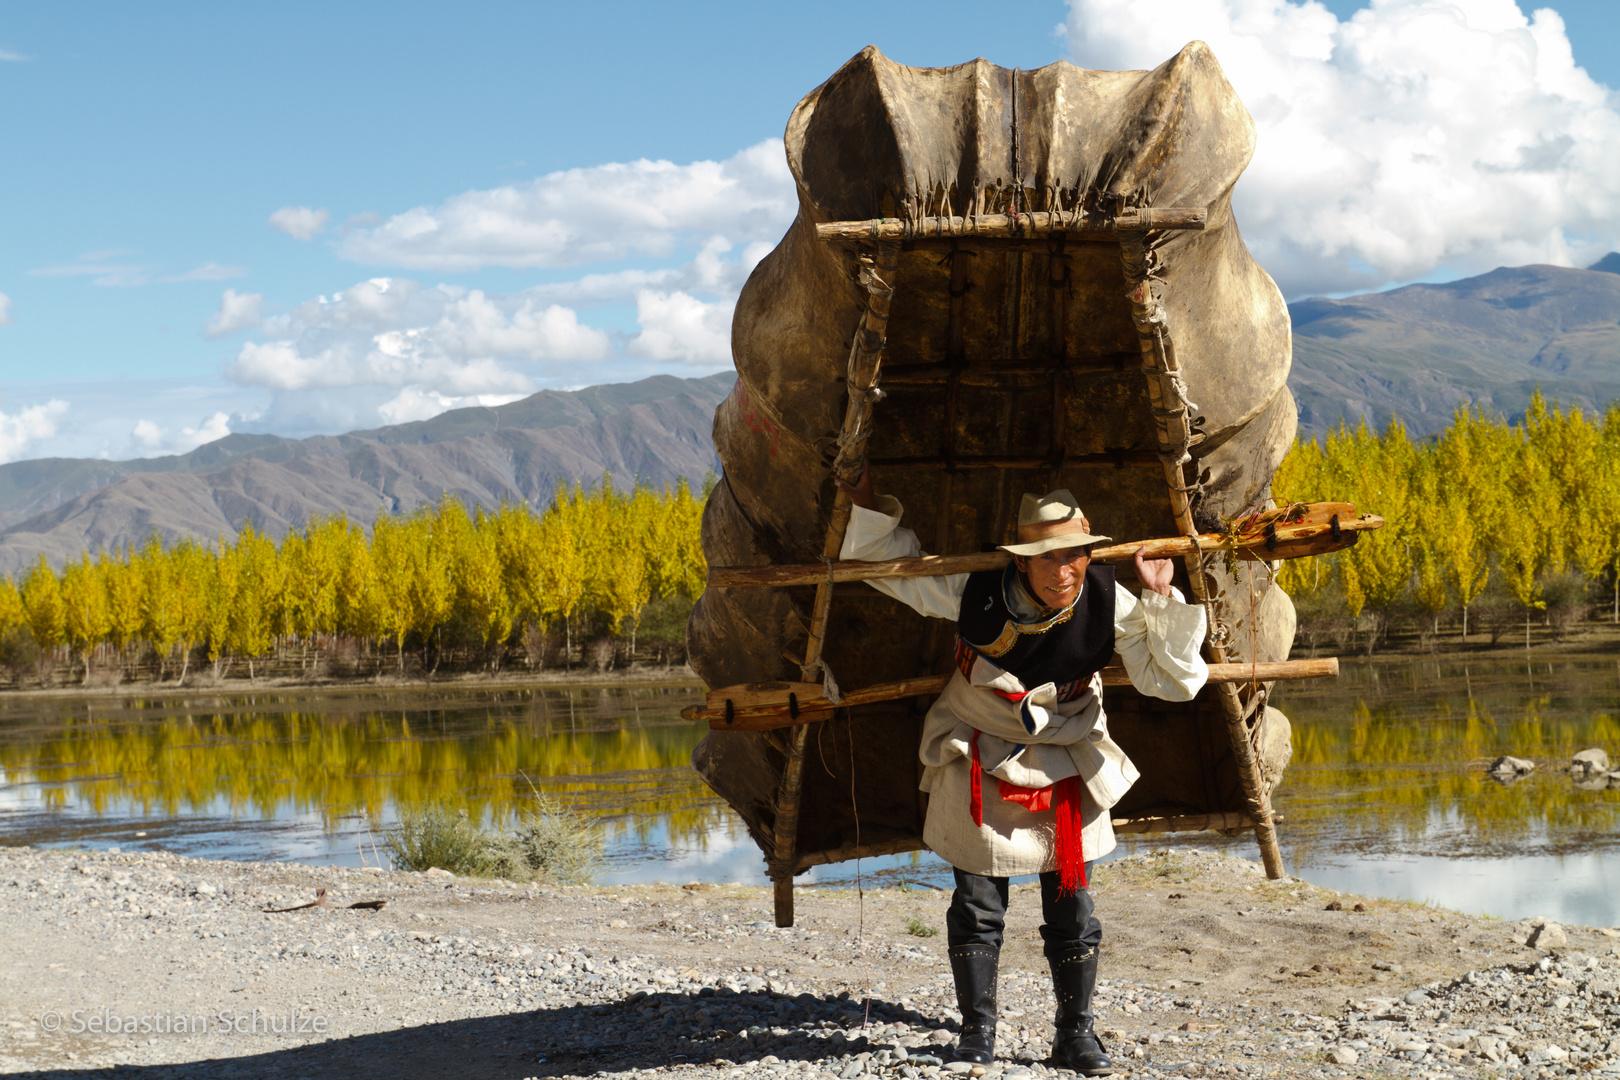 Mann mit Yakboot am Yarlung Tsangpo